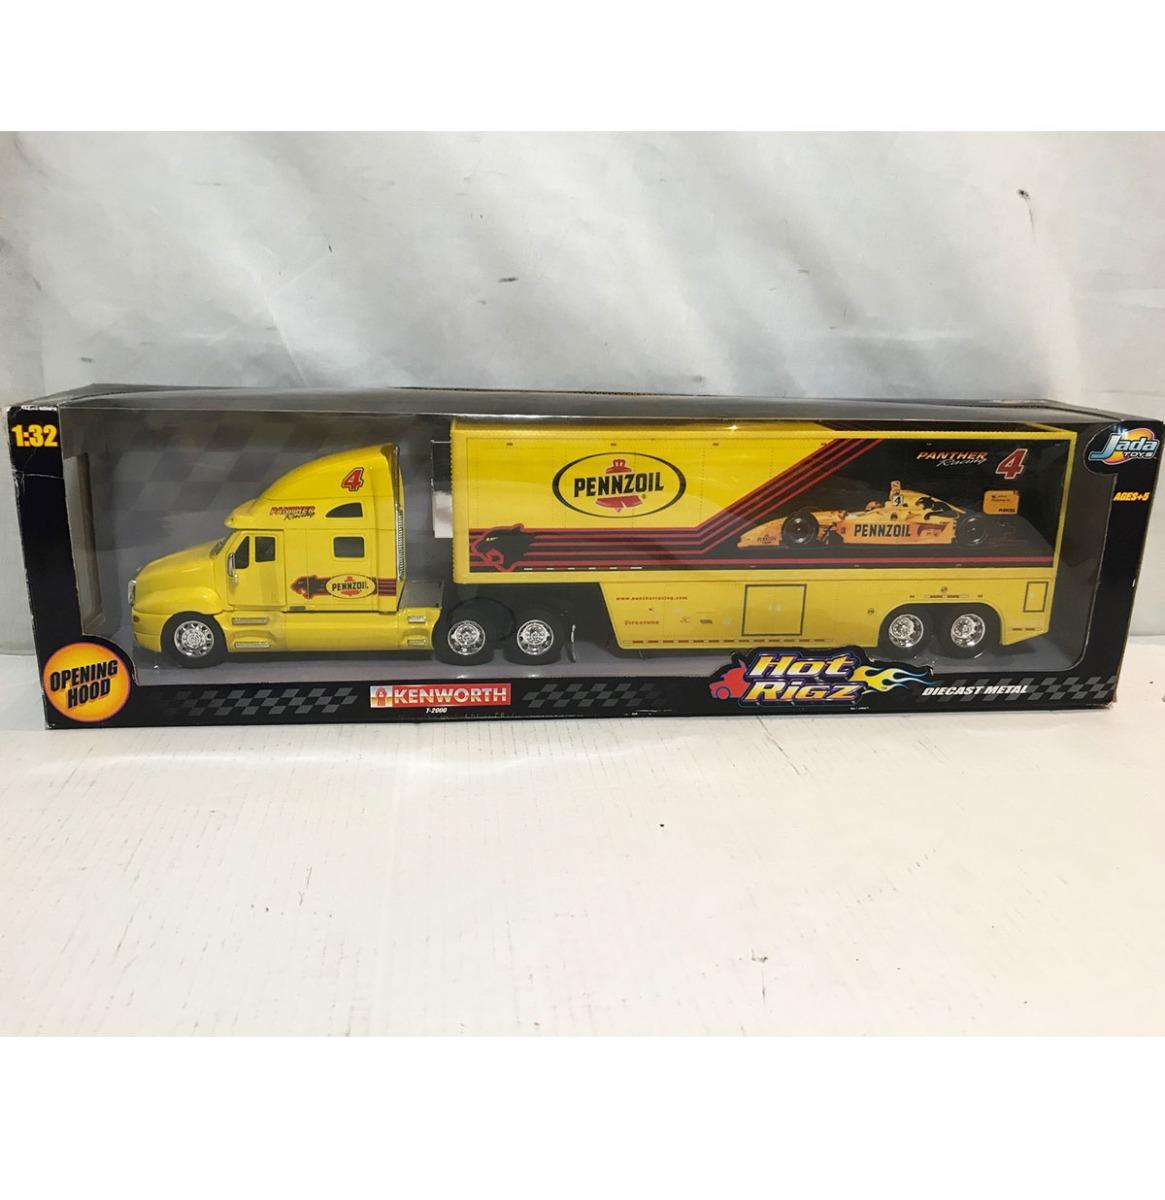 Rigz Pennzoil 1:32 Schaalmodel Kenworth Vrachtwagen